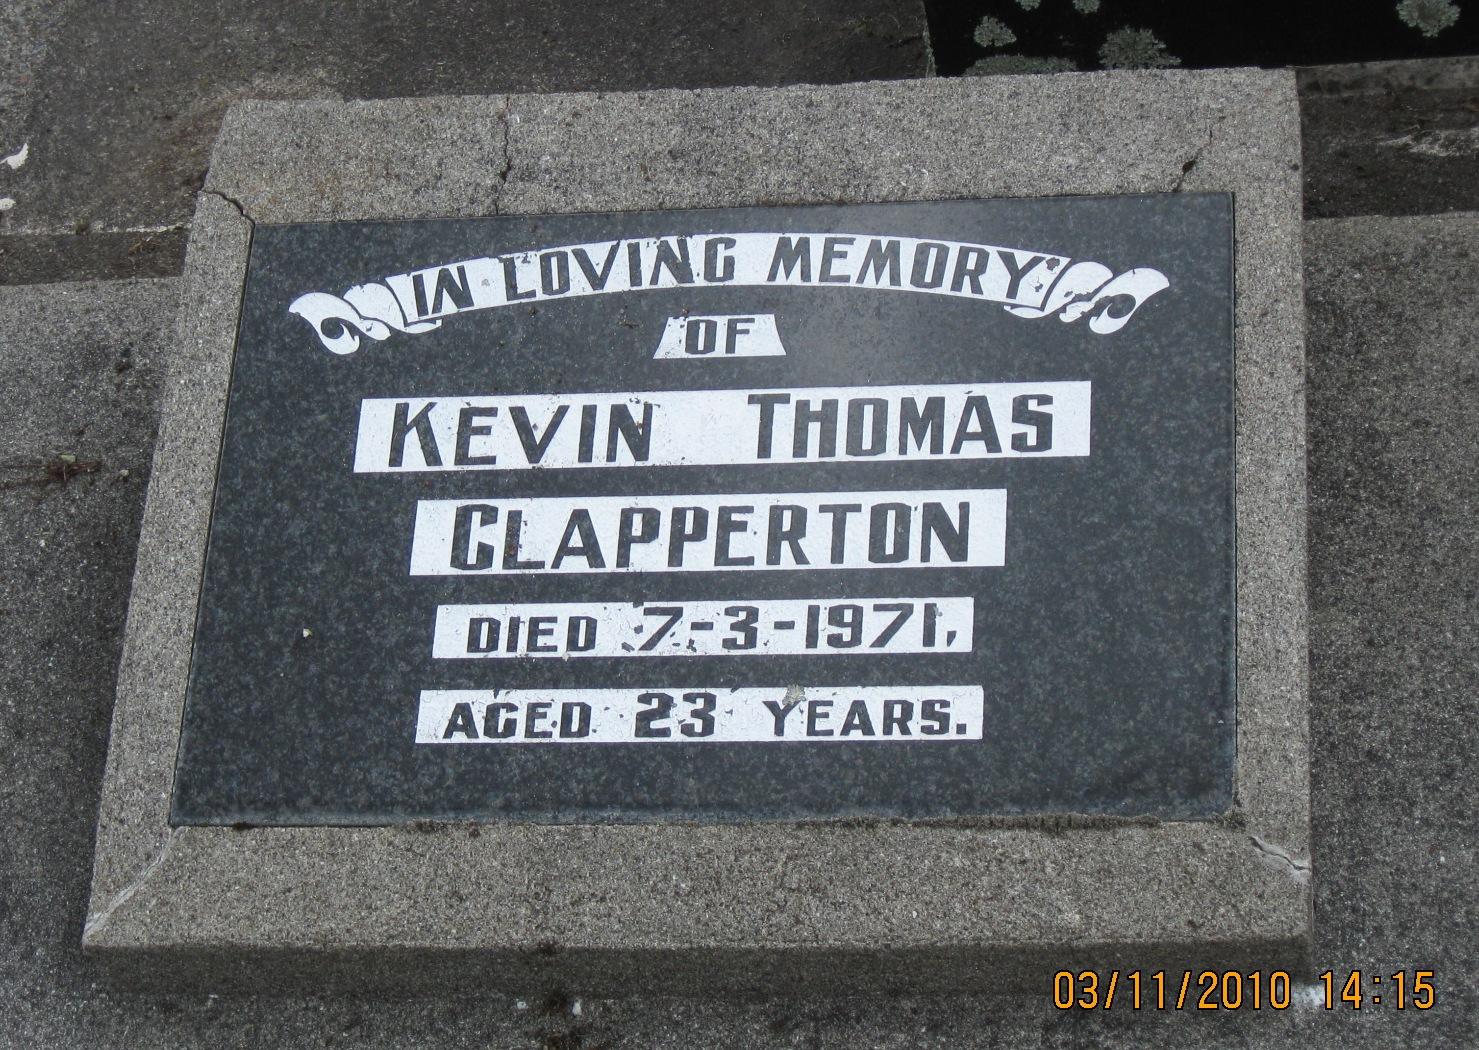 Thomas Clapperton